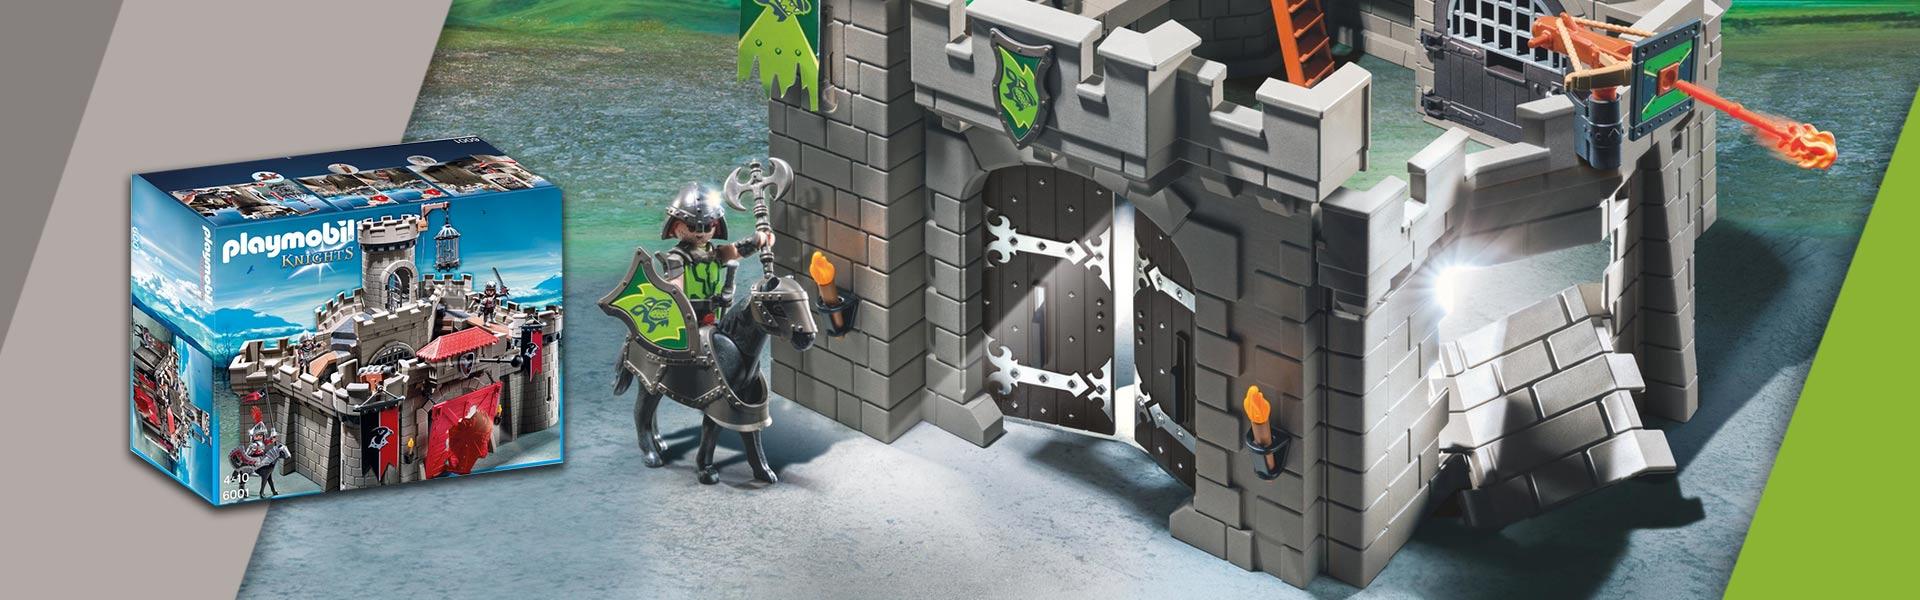 Konstruktorius 6041 PLAYMOBIL® Knights, Vilko riteriai su katapulta                             KNIGHTS PLAYMOBIL®